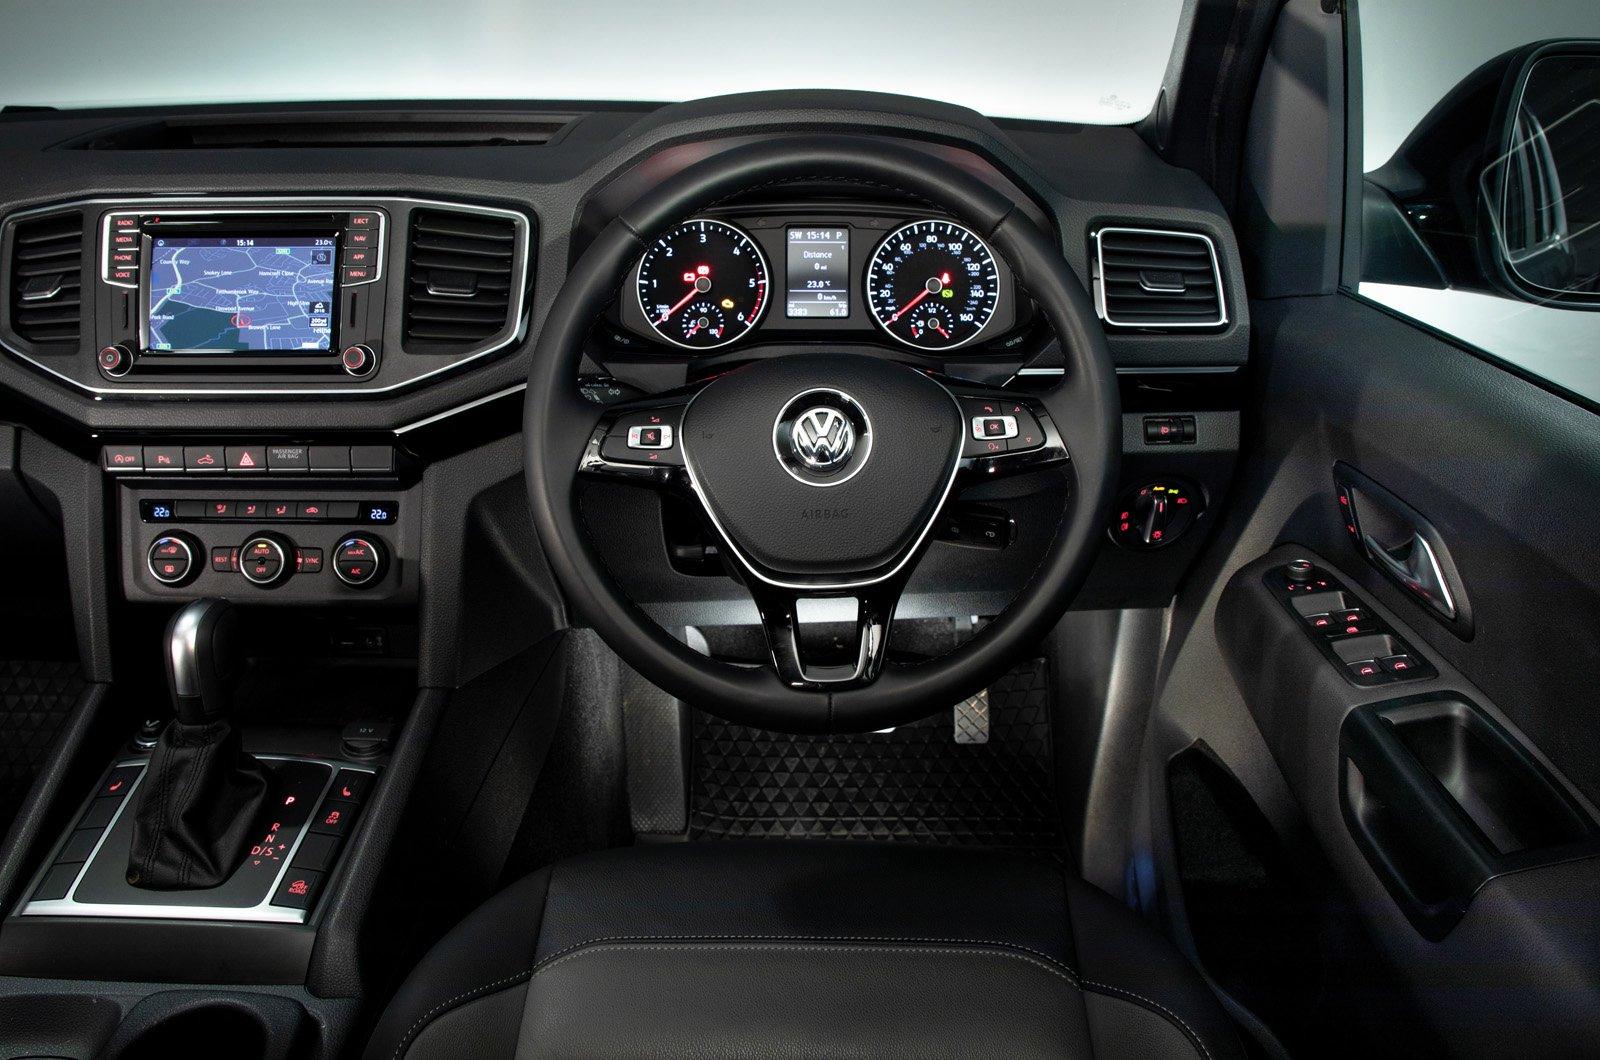 Volkswagen Amarok dashboard - 69 plate